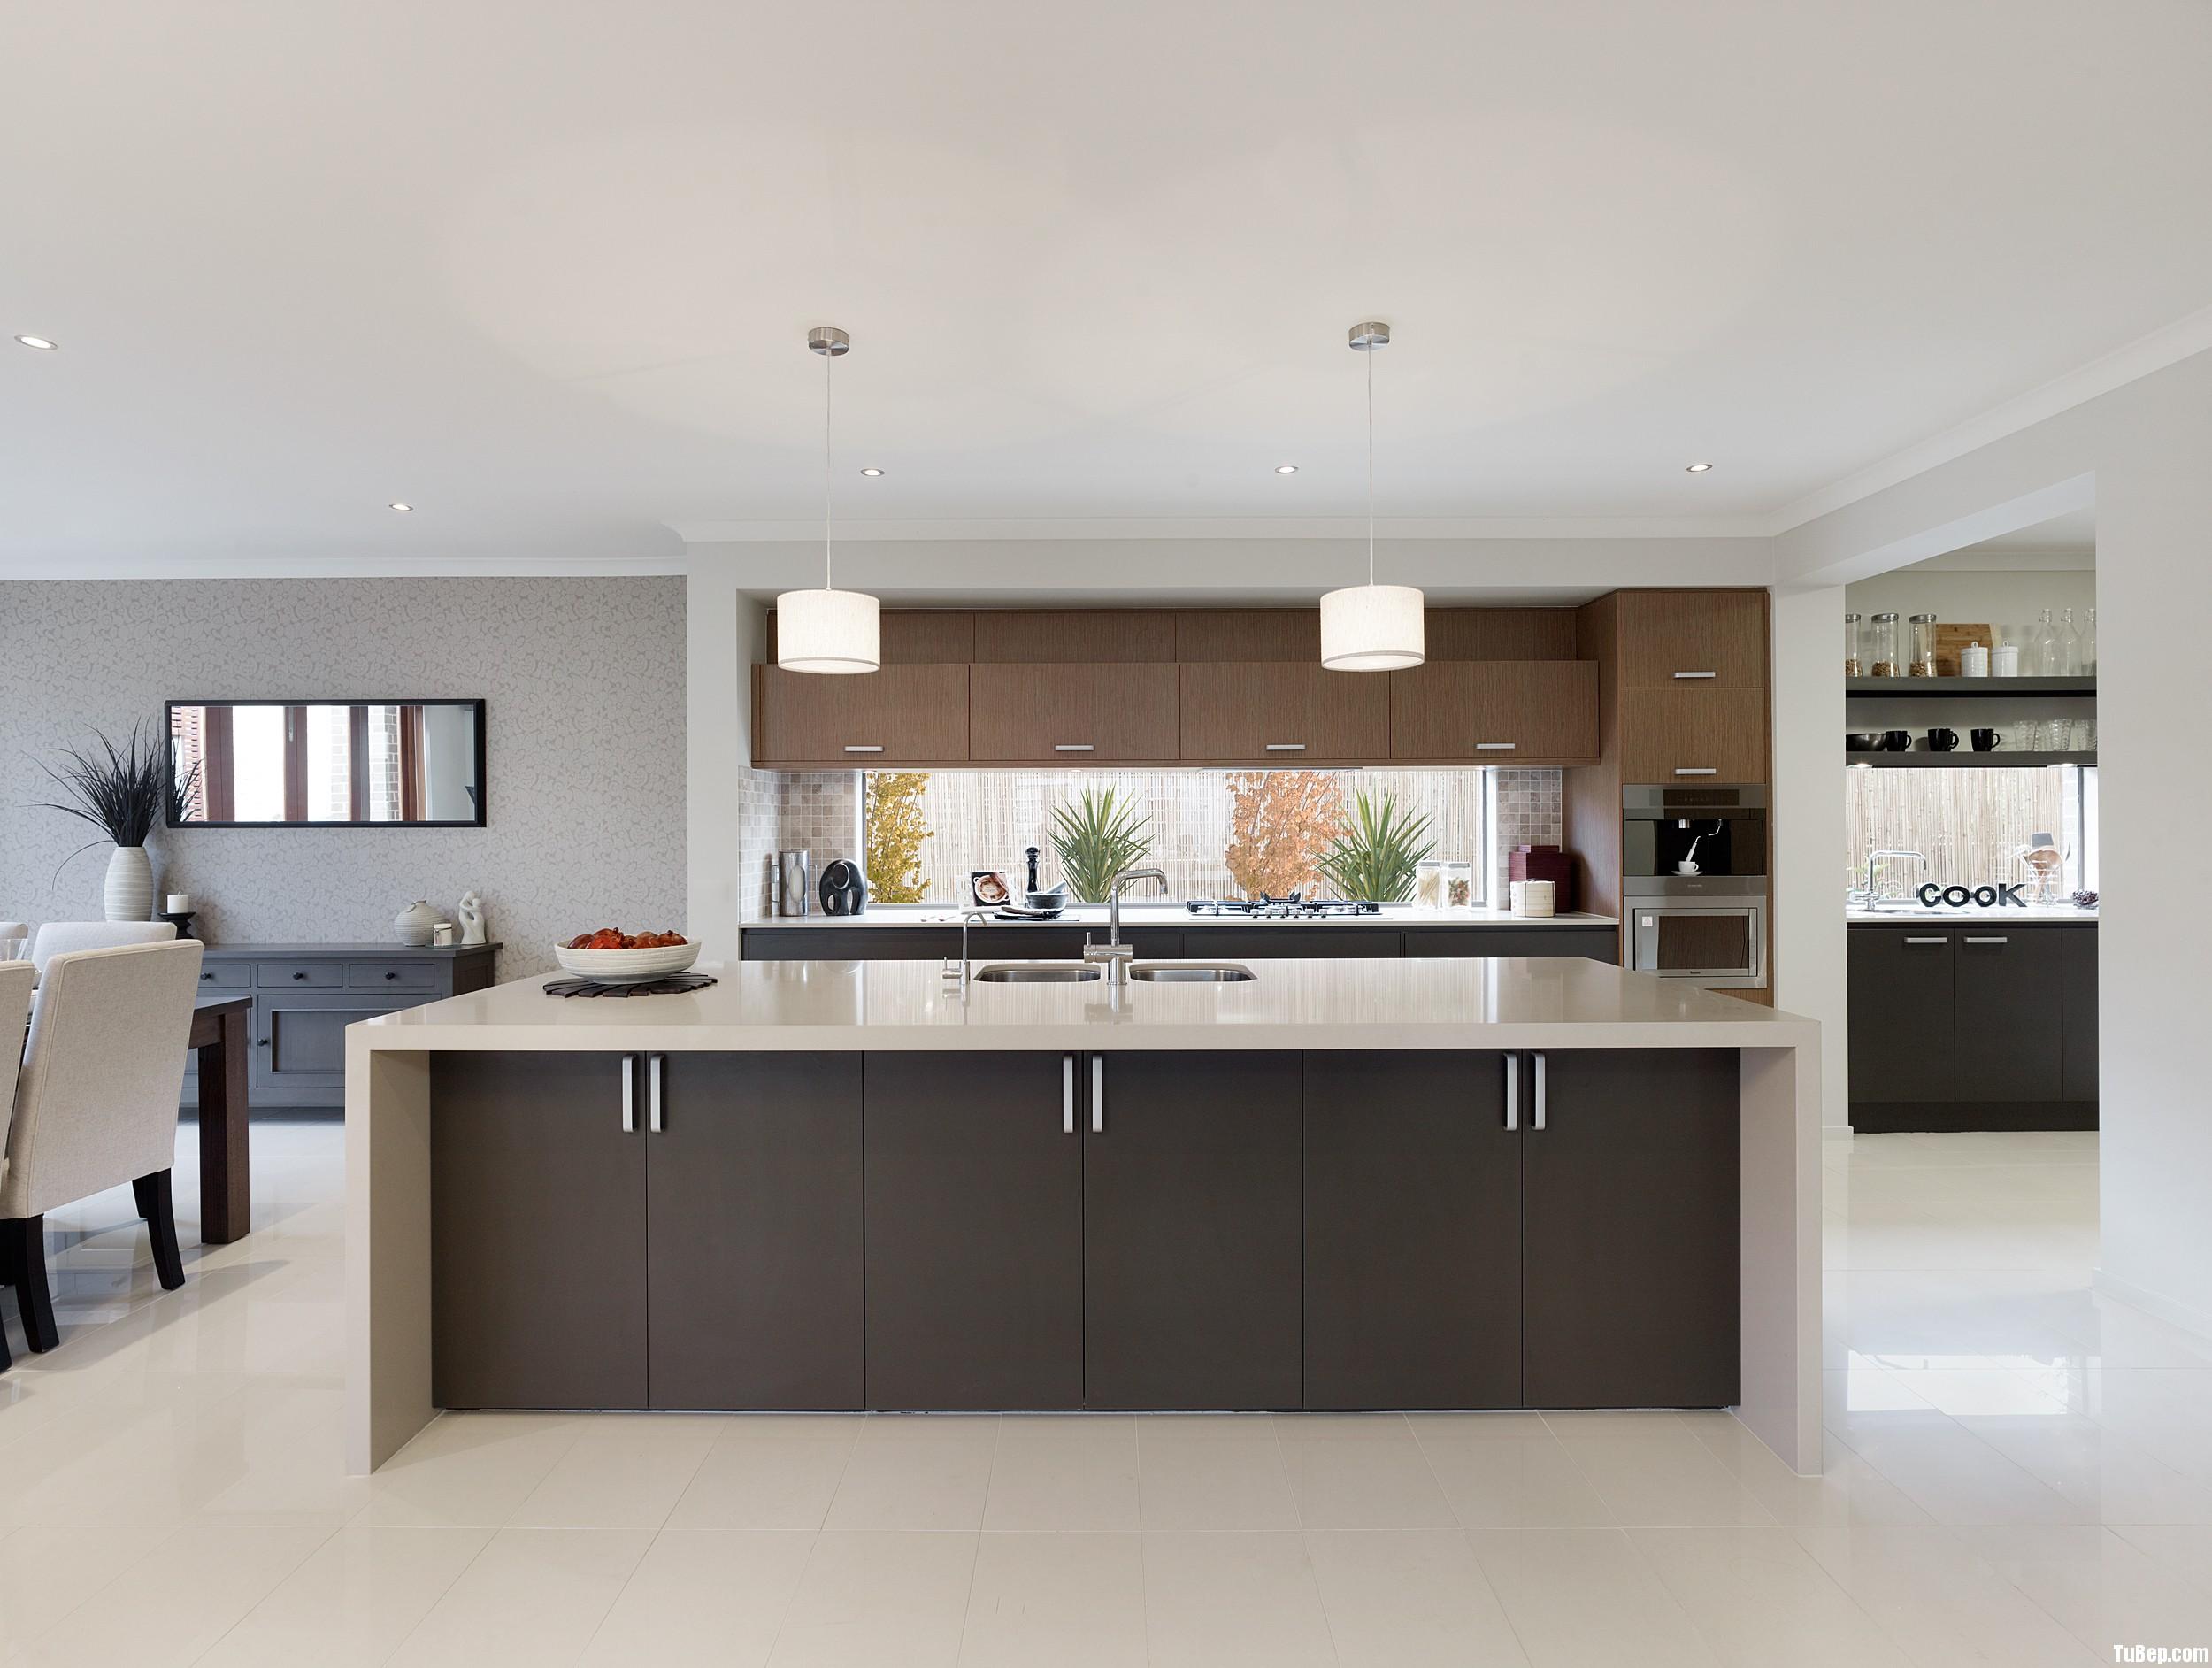 Laminate đen kết hợp vân gỗ màu Tủ bếp Laminate có đảo TBT0338